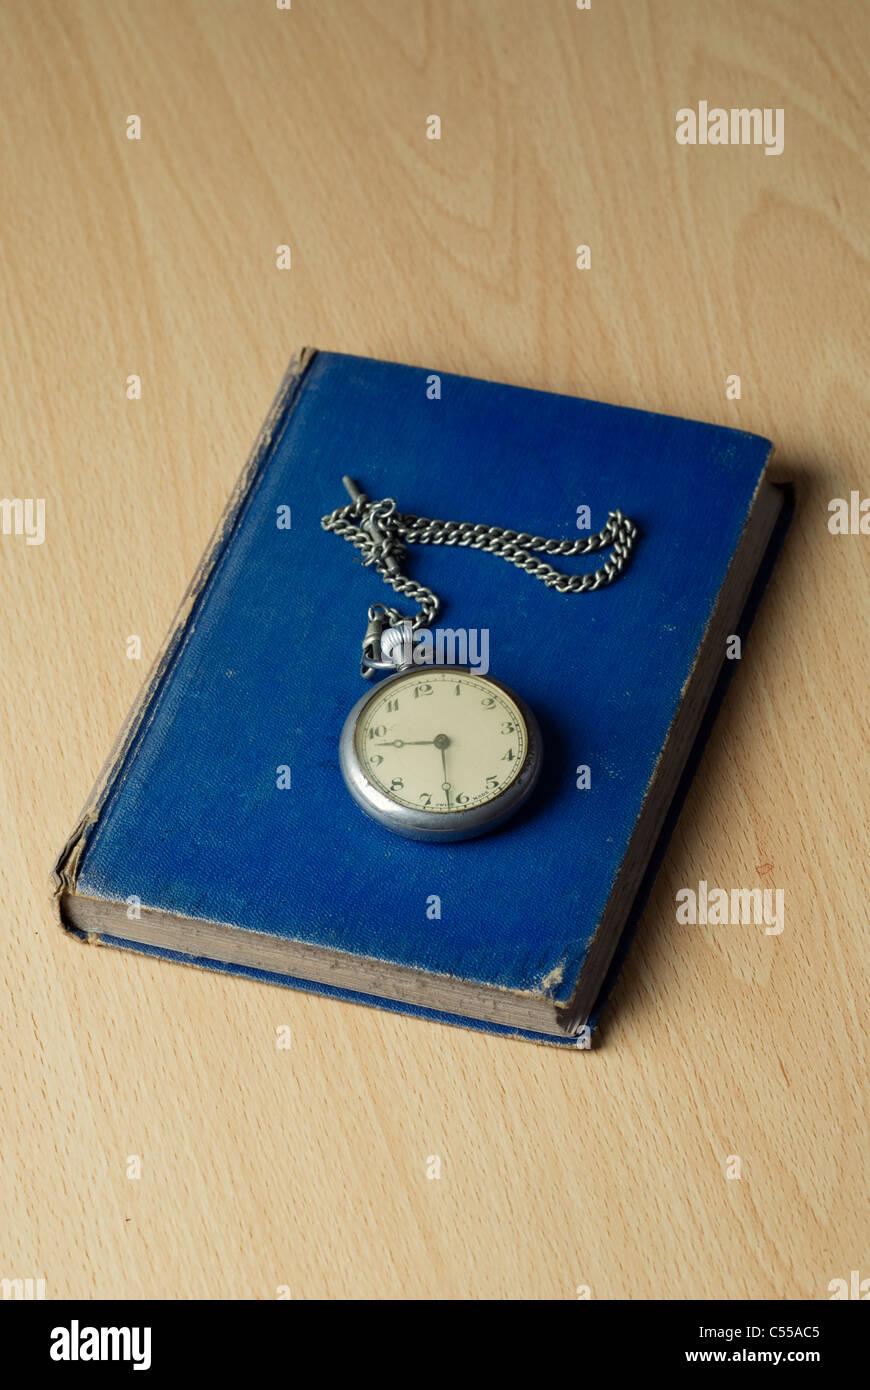 Montre de poche antique au-dessus d'un livre bleu Photo Stock